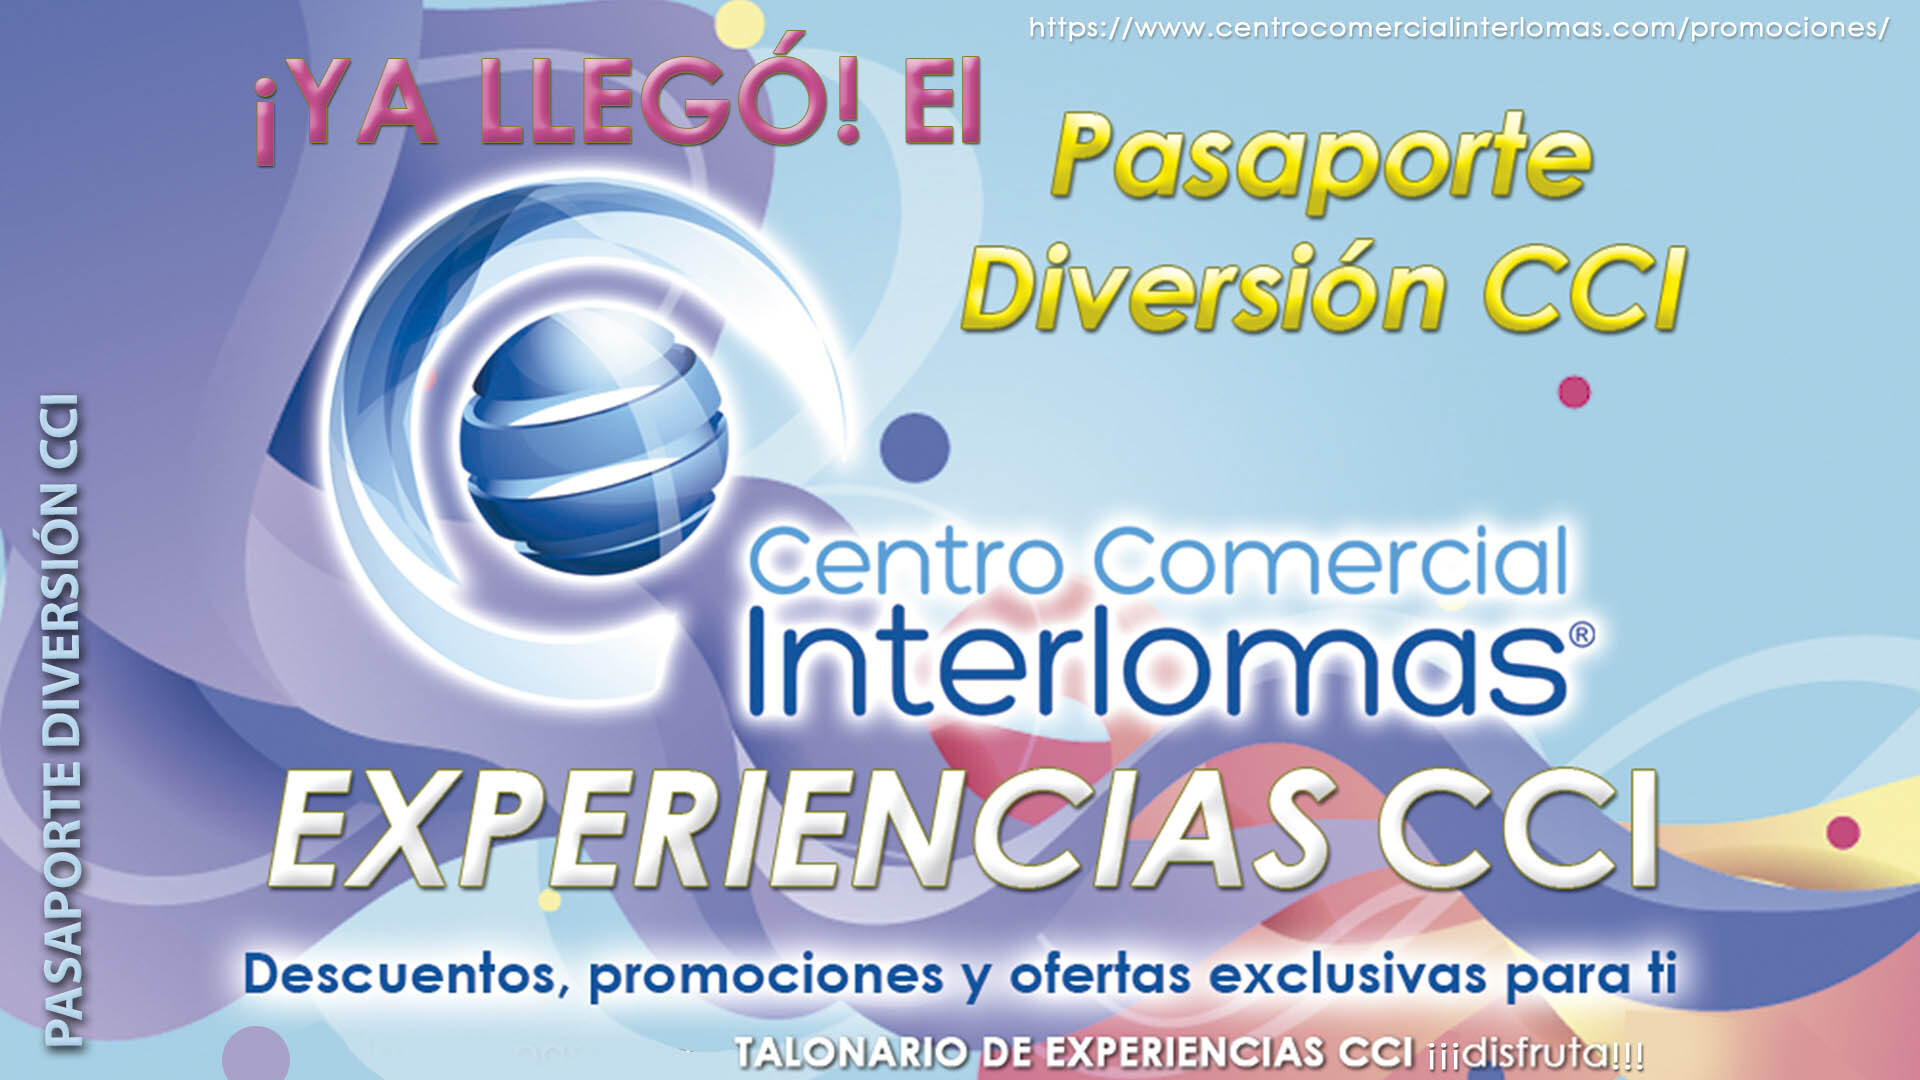 2021-09-30 BASE PARA PANTALLA EXPERIENCIAS CCI PORTADA 03